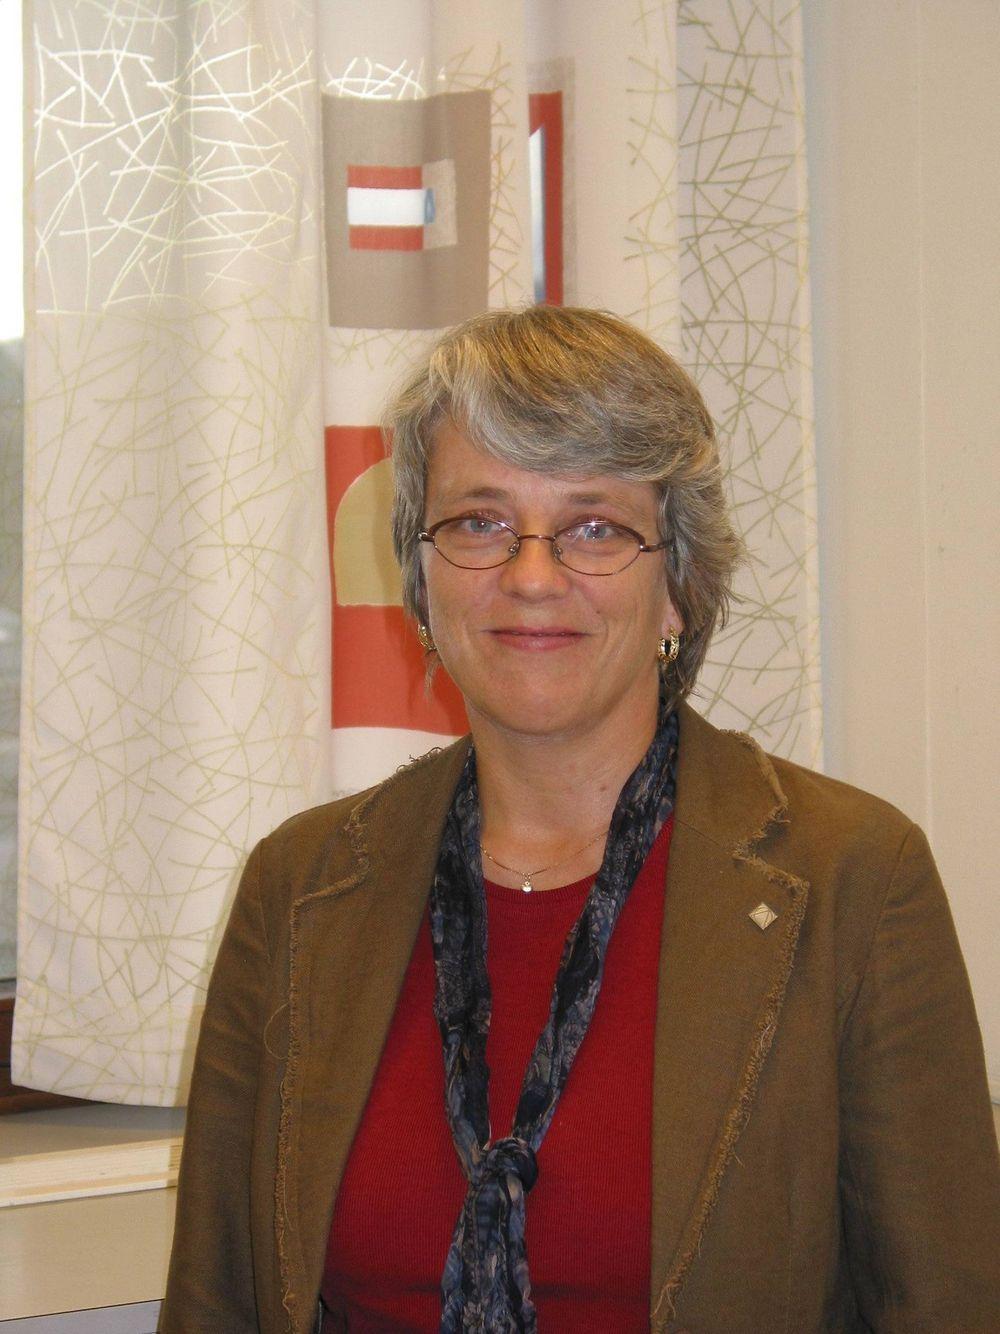 Marianne Grøstad Nesje Grøstad Nesje er bransjesjef for bransjegruppen primærnæringene og bioteknologi i Patentstyret. Nesje har i tillegg erfaring innenfor biokjemisk forskning ved Universitetet i Tromsø og Universitetet i Trondheim.